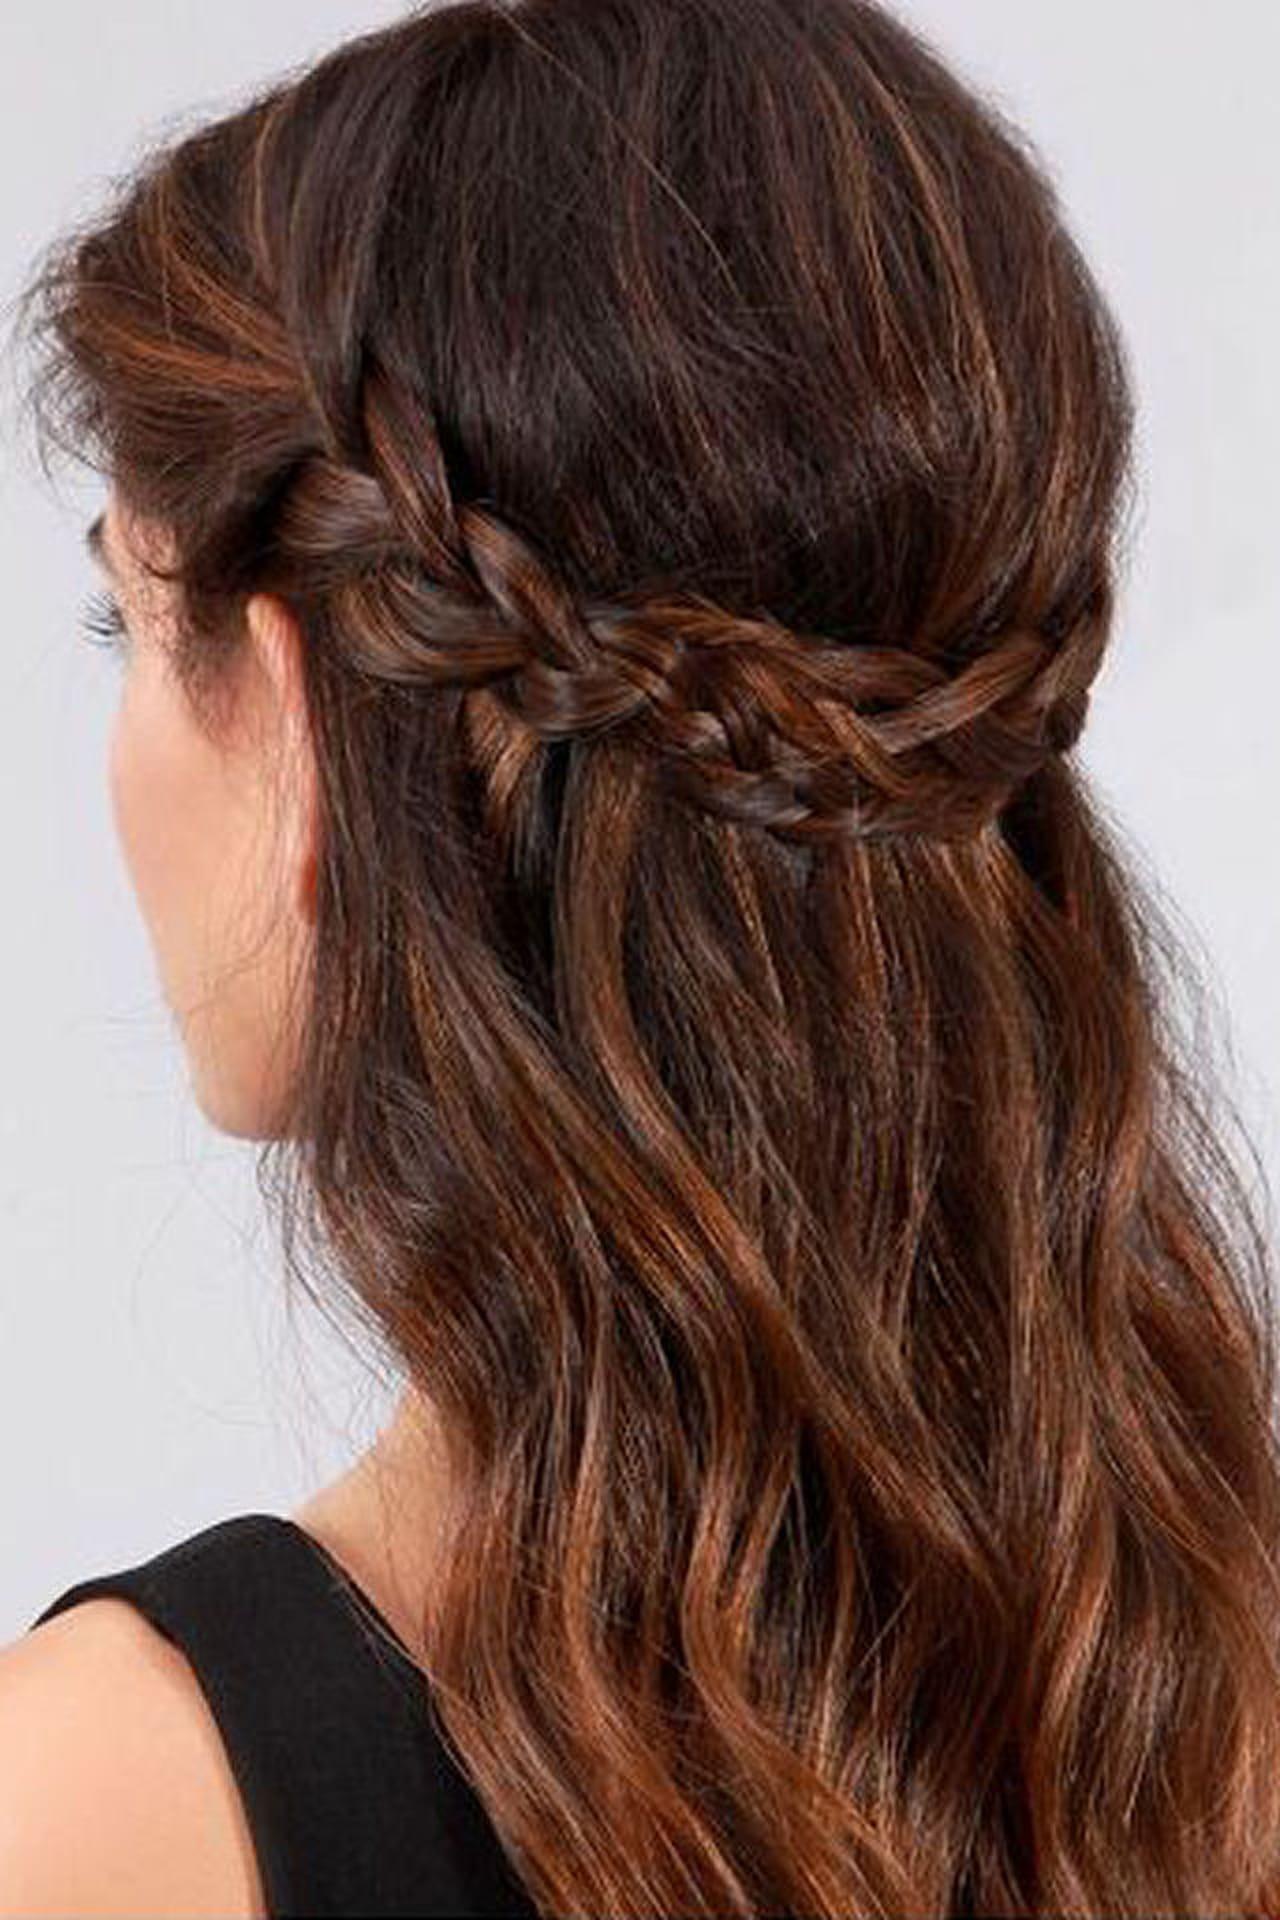 Amato Trecce capelli: le tendenze dell'estate 2016 MN17